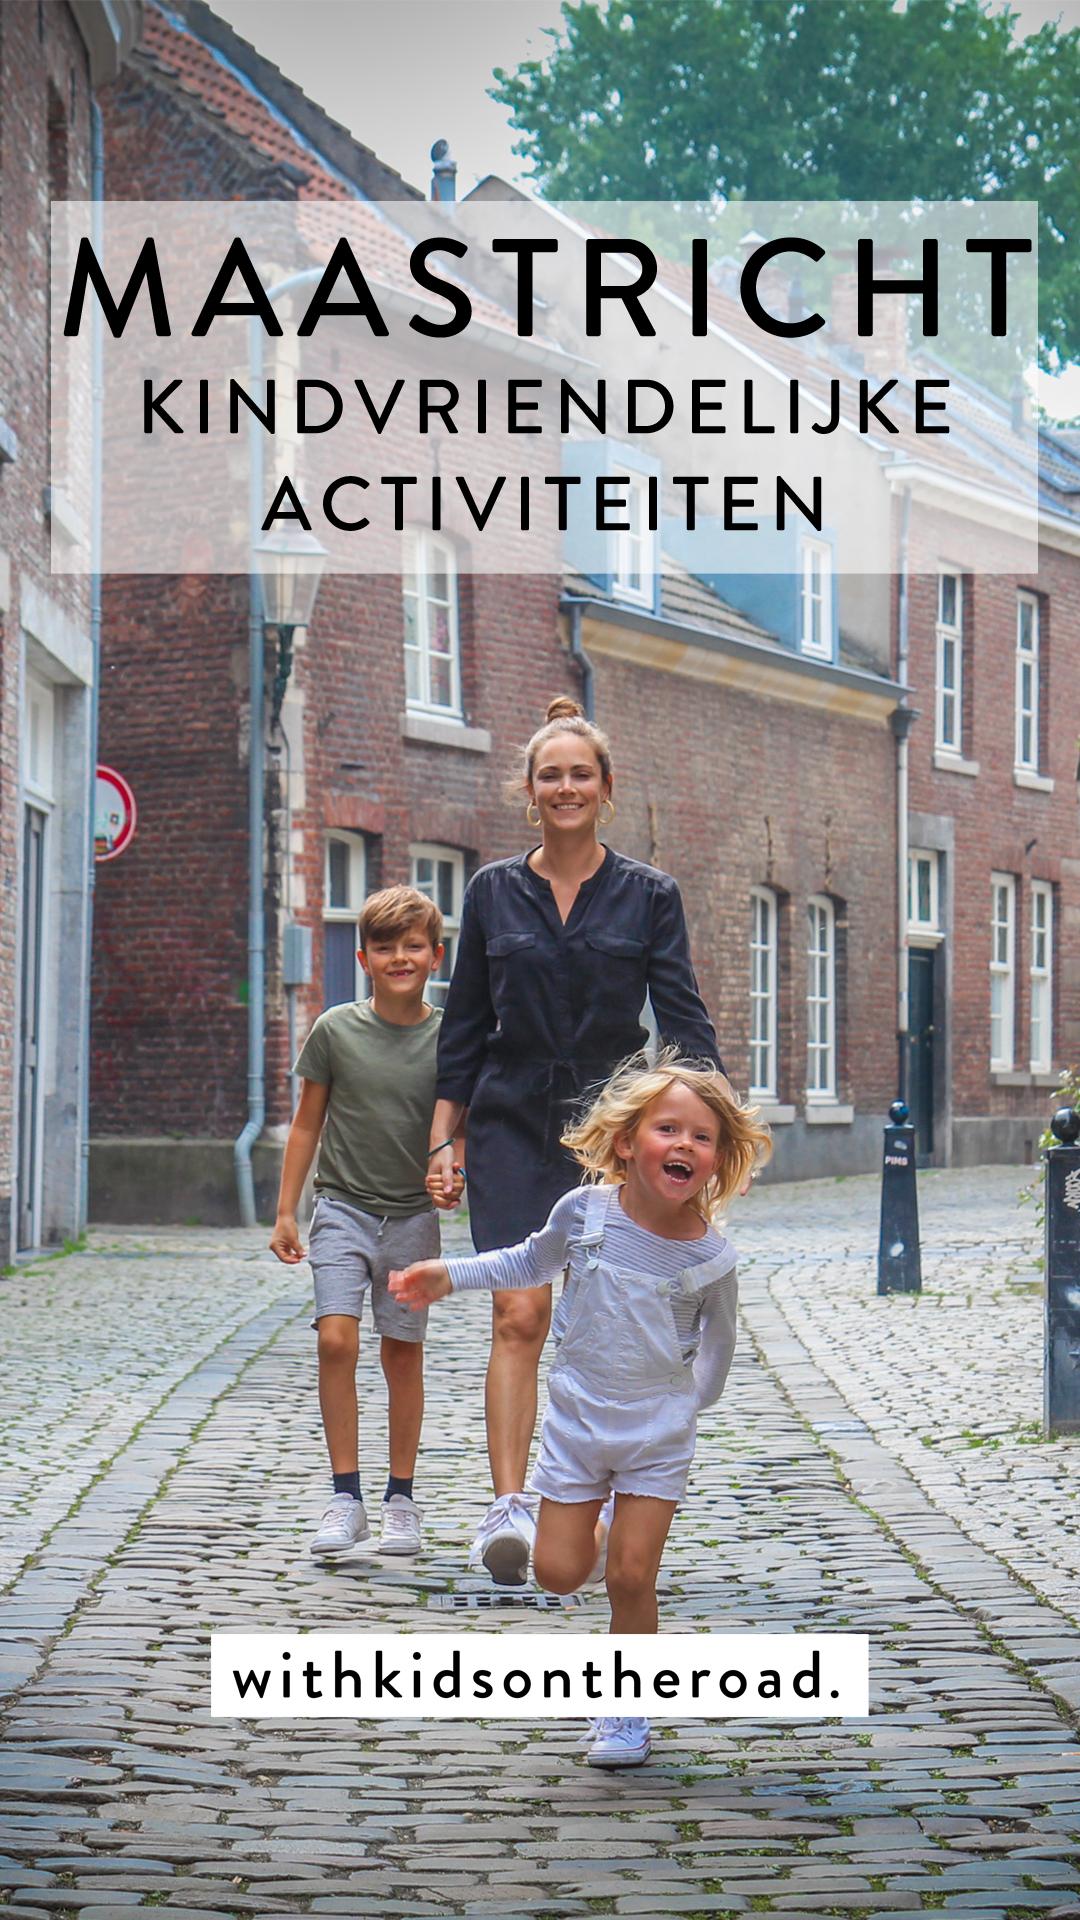 Maastricht - Kindvriendelijke uitstappen 4.jpg